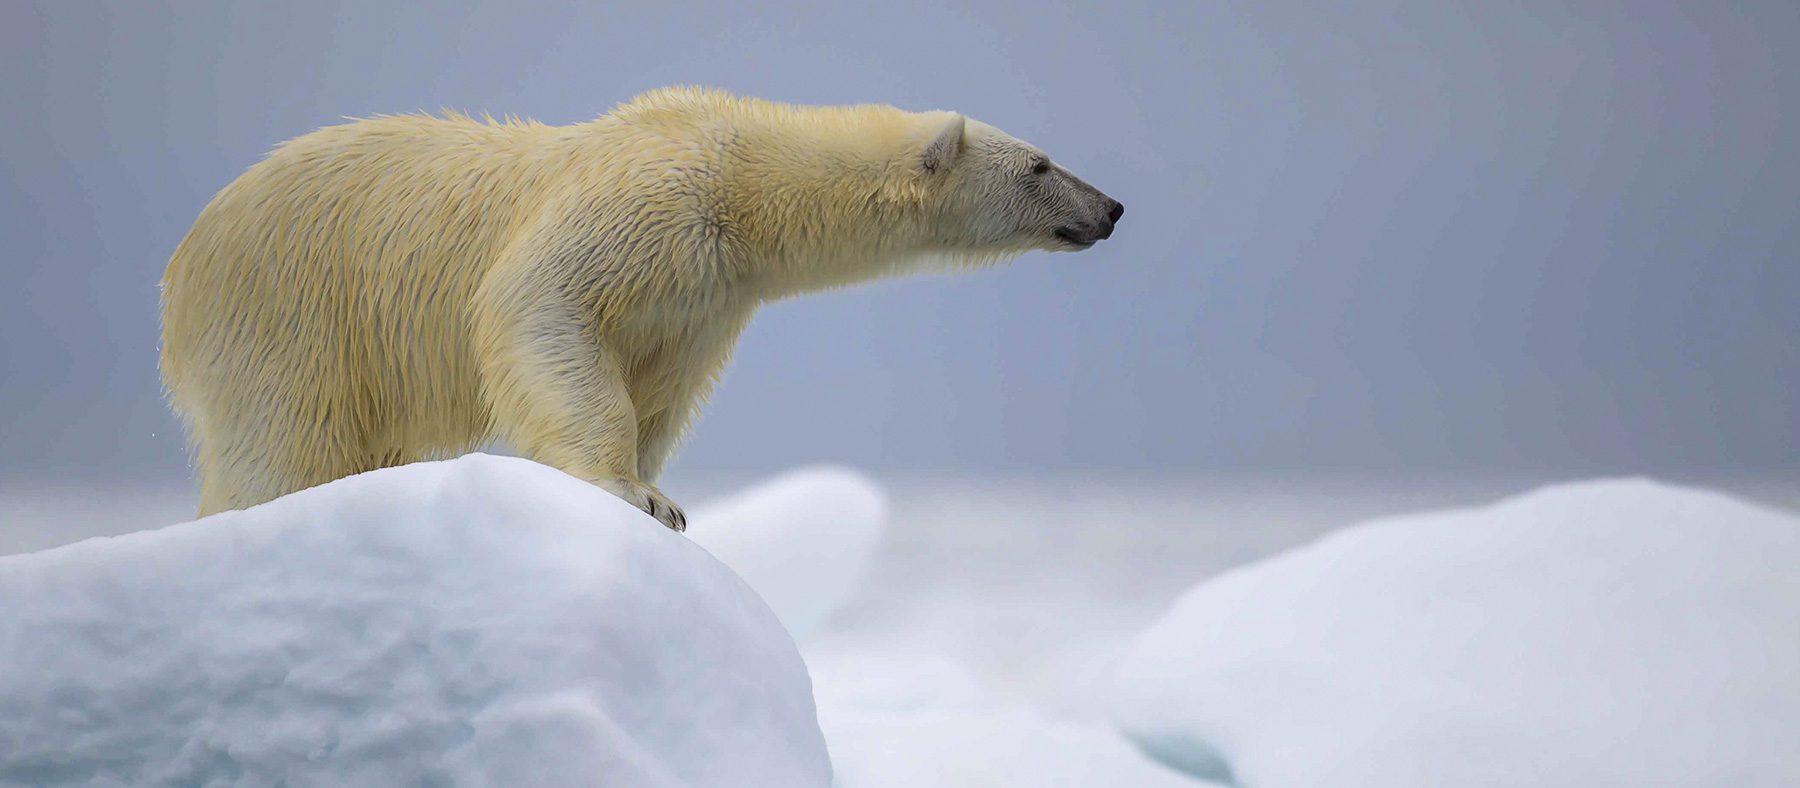 observation-de-la-faune-quebec-ours-polaire-quebec-le-mag